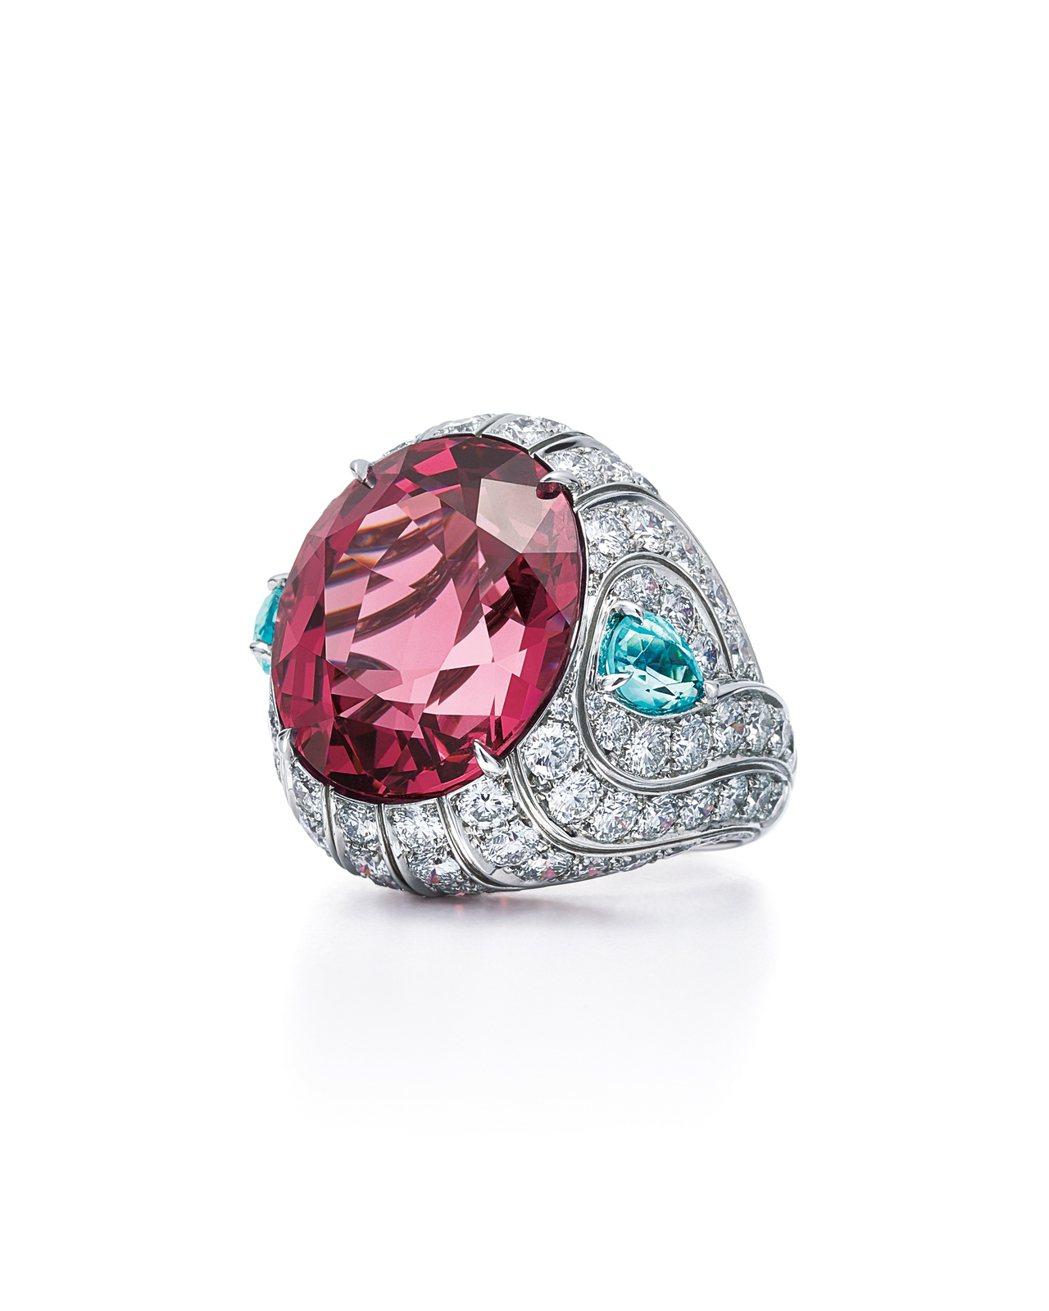 鉑金鑲嵌27.08克拉橢圓形粉色尖晶石戒指 ,1,203萬5,000元。圖/Ti...